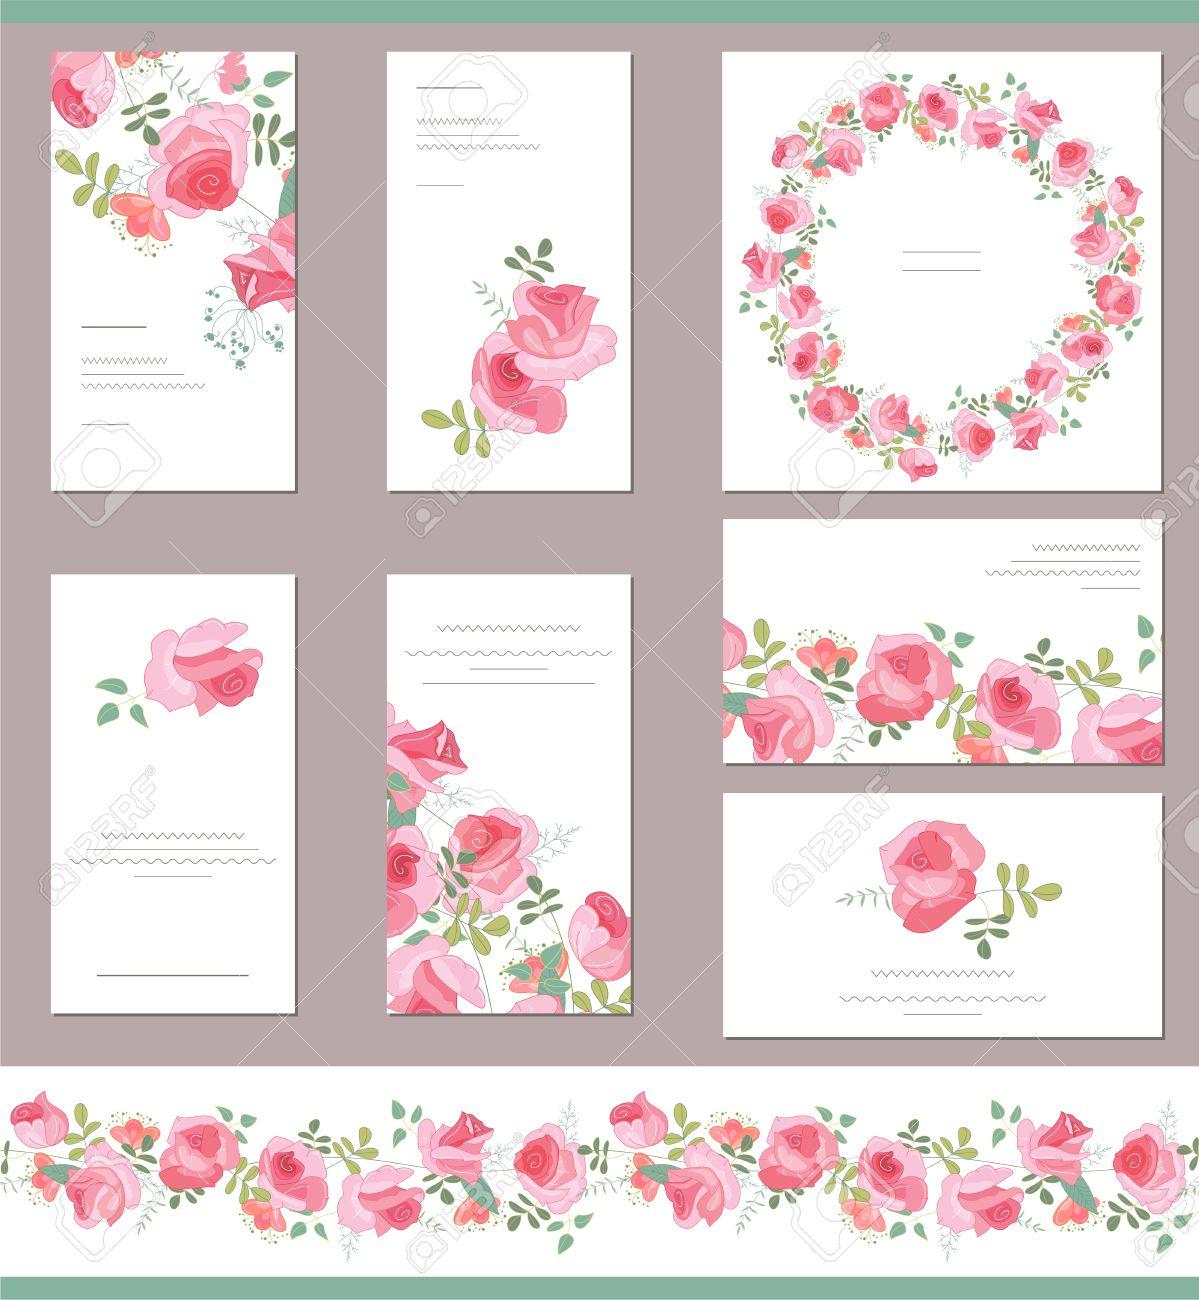 Plantillas Florales Con Racimos Lindo De Rosas Rojas. Para Un Diseño ...